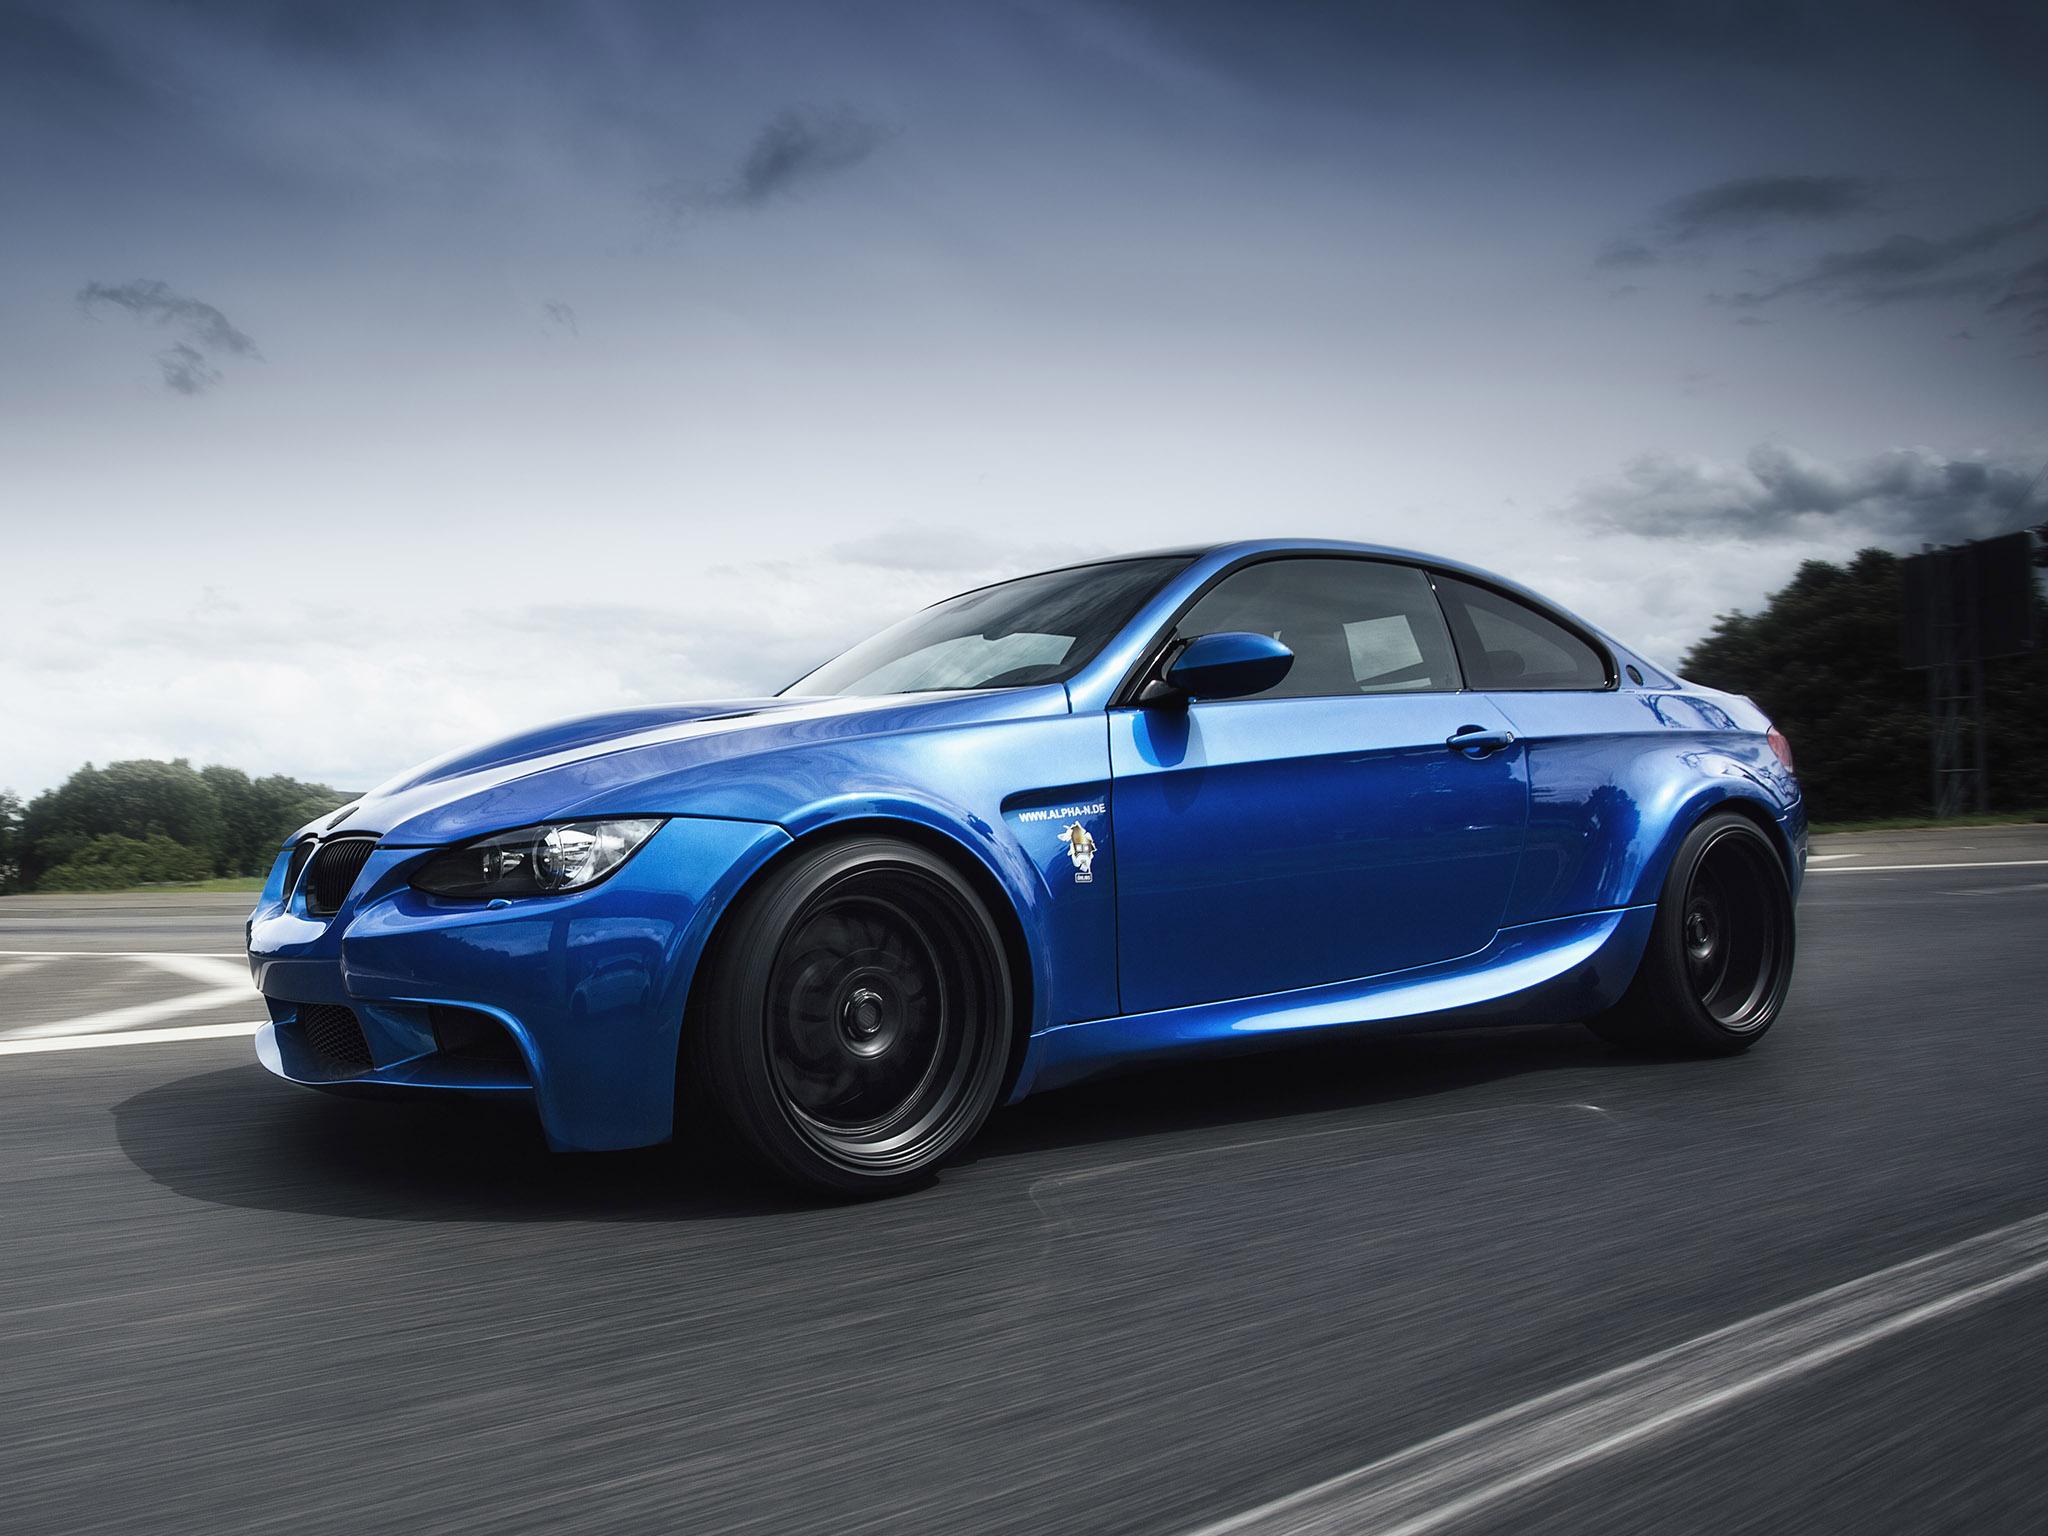 2013_Alpha_N_BMW_M3_E92_BT92_tuning__f_2048x1536.jpg